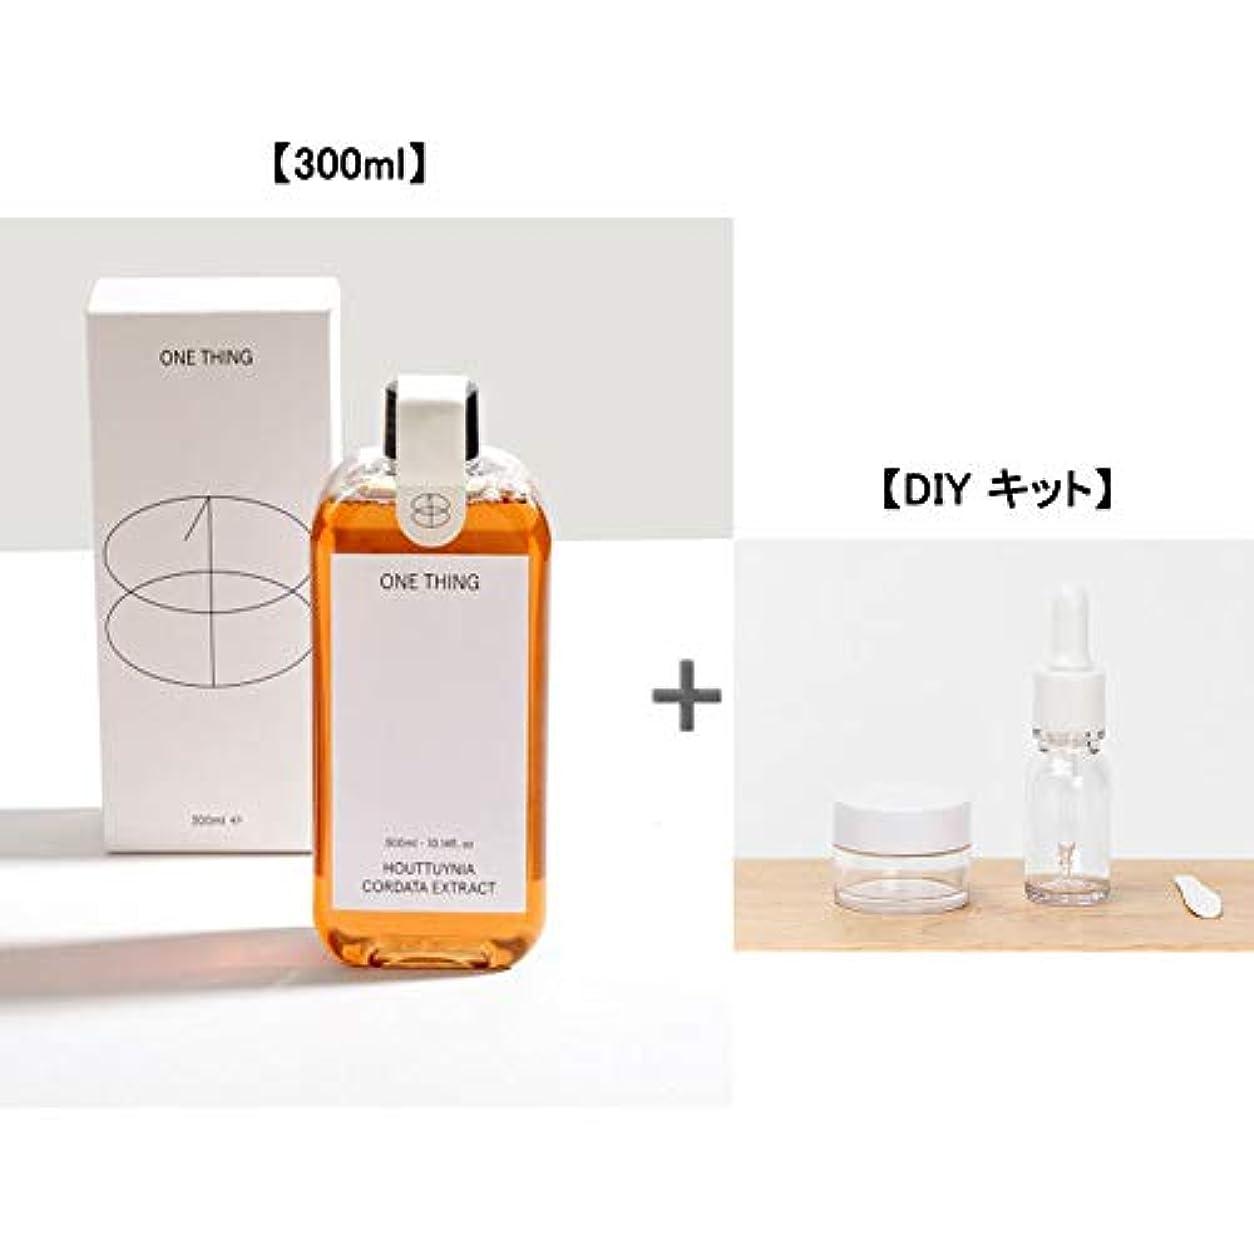 管理バック現象[ウォンシン]ドクダミエキス原液 300ml /トラブル性肌、頭皮ケアに効果的/化粧品に混ぜて使用可能[並行輸入品] (ドクダミ 原液 300ml + DIY 3 Kit)